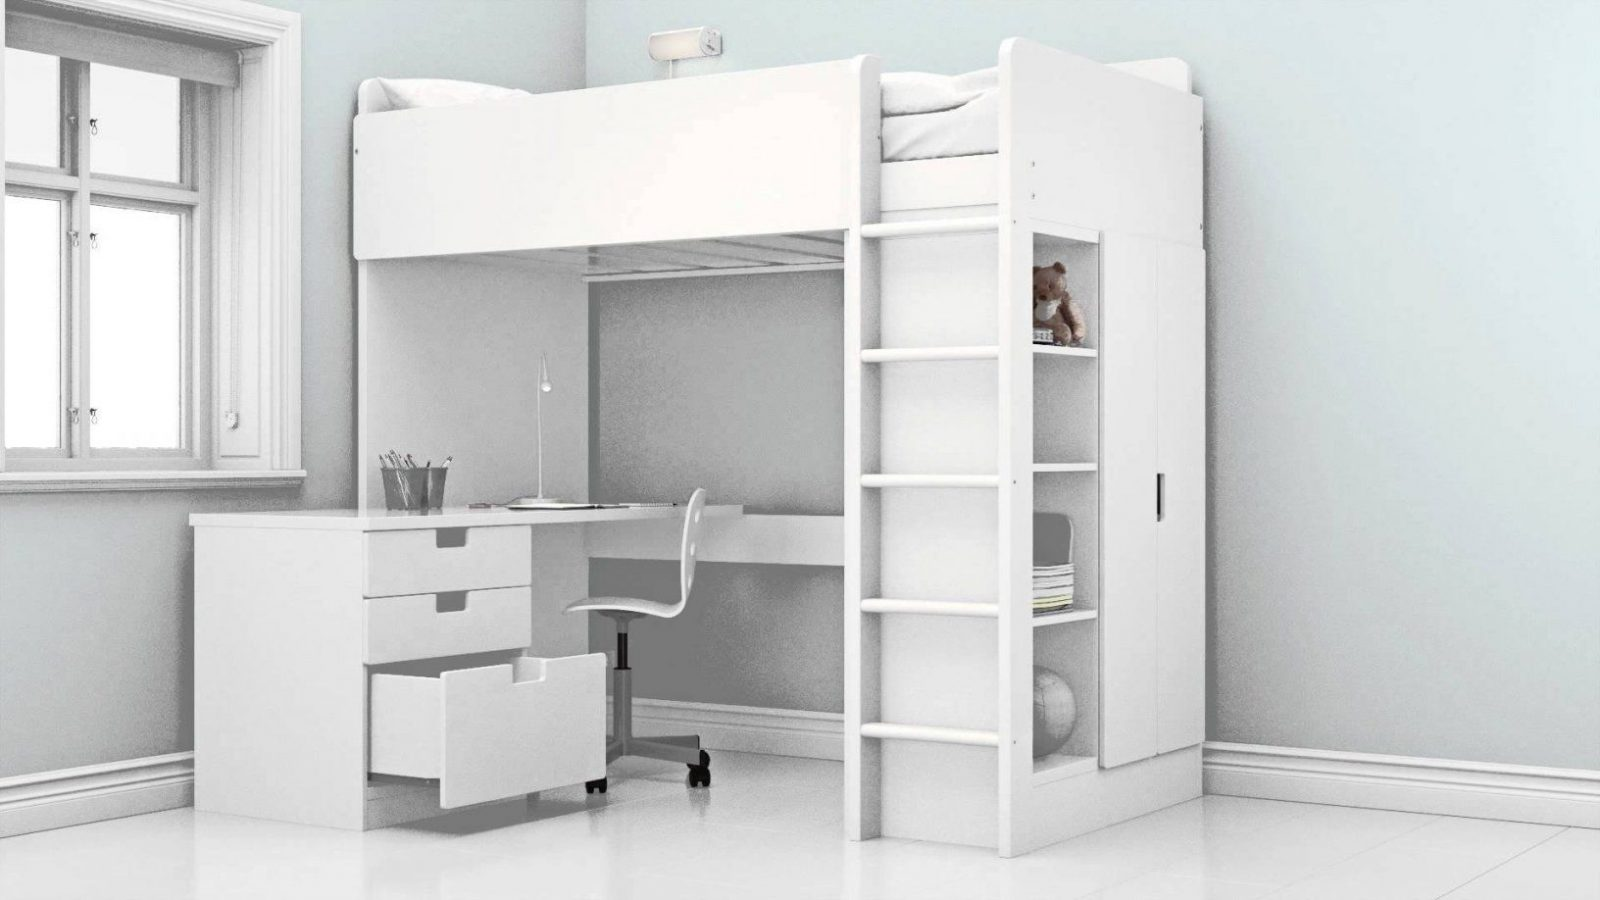 Ikea  Das Neue Stuva Hochbett  Youtube von Hochbett Mit Schreibtisch Ikea Bild